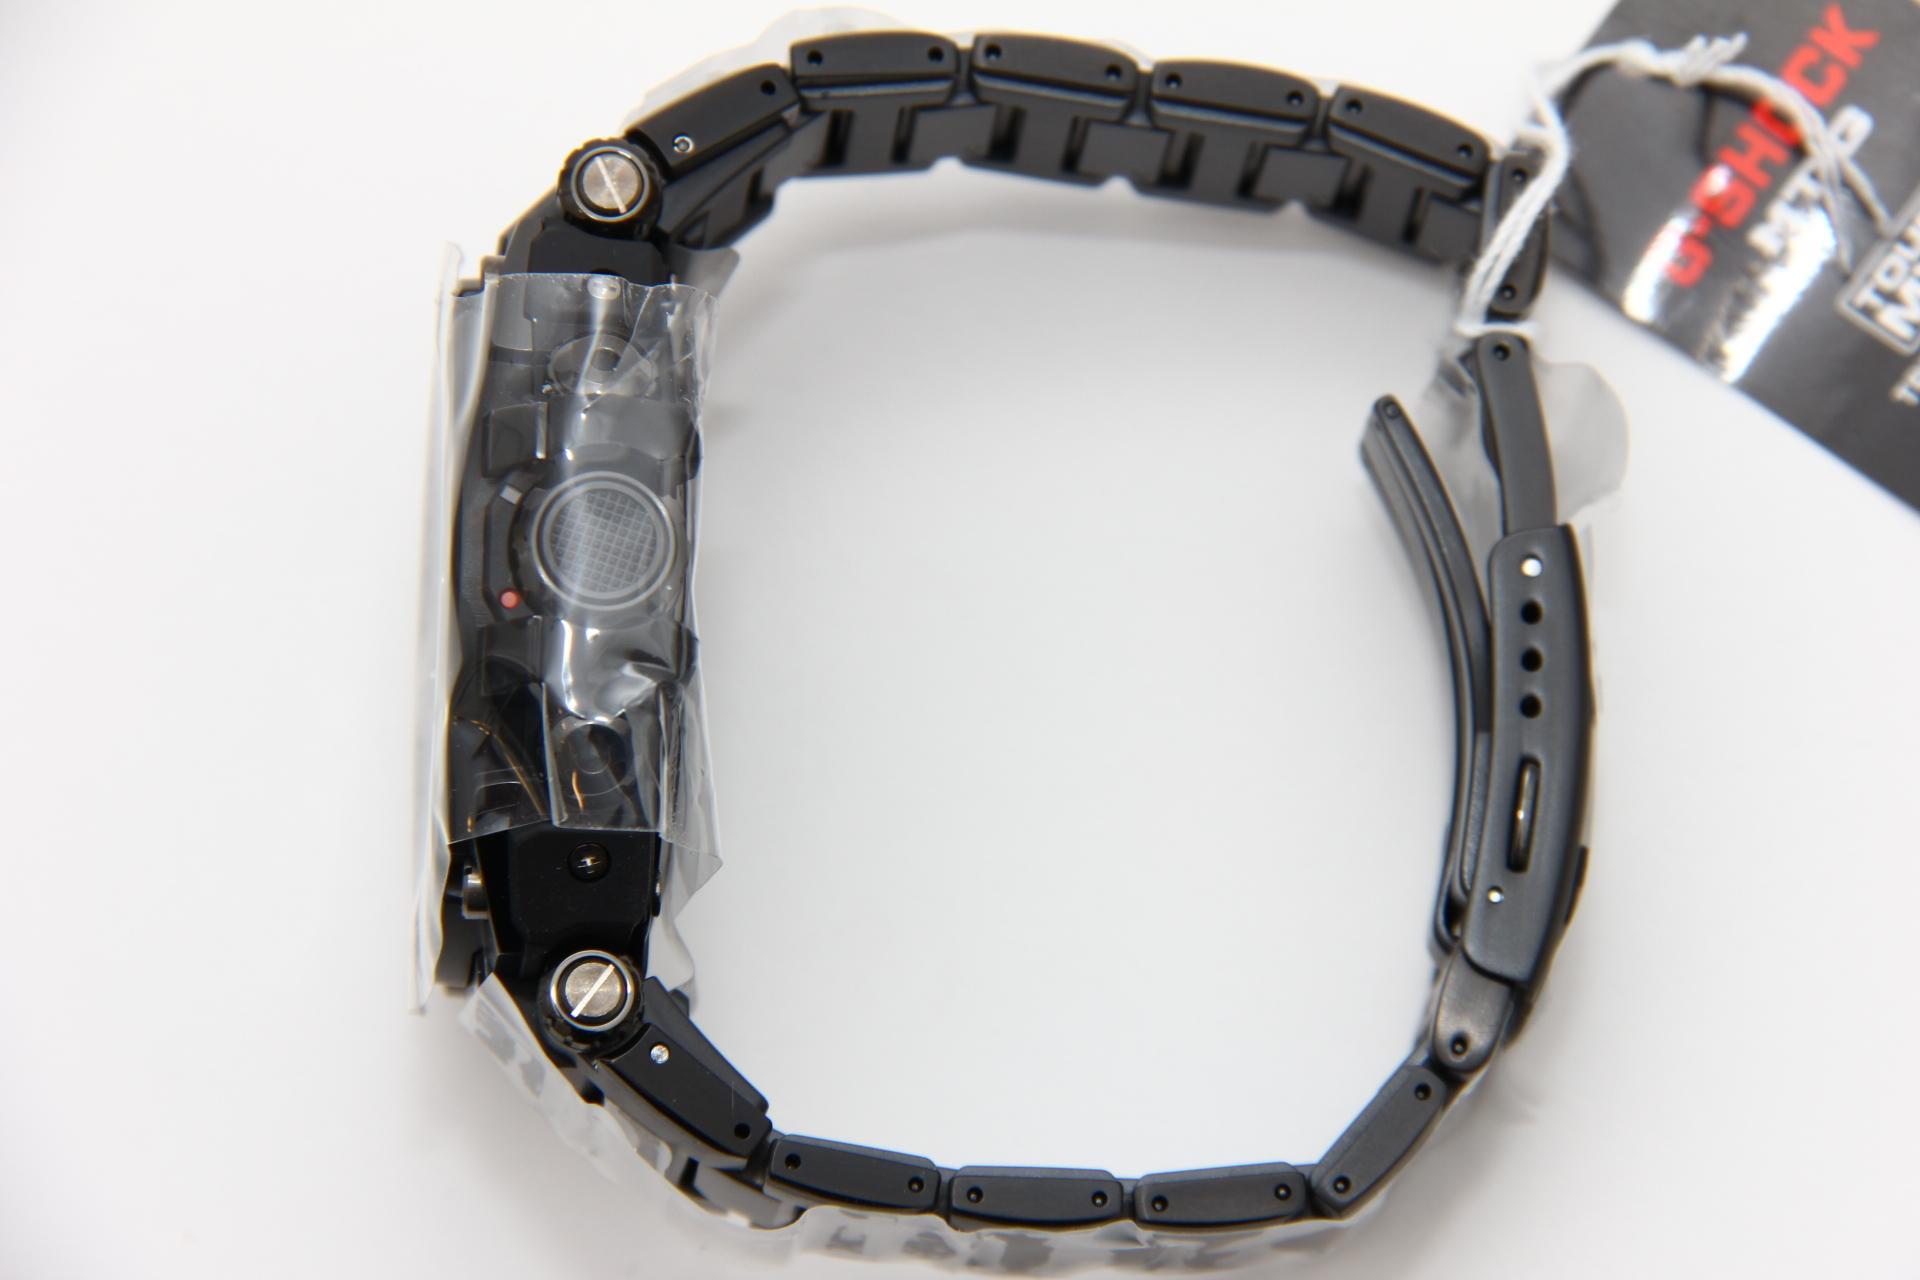 браслет на часы casio g shock чем правильней